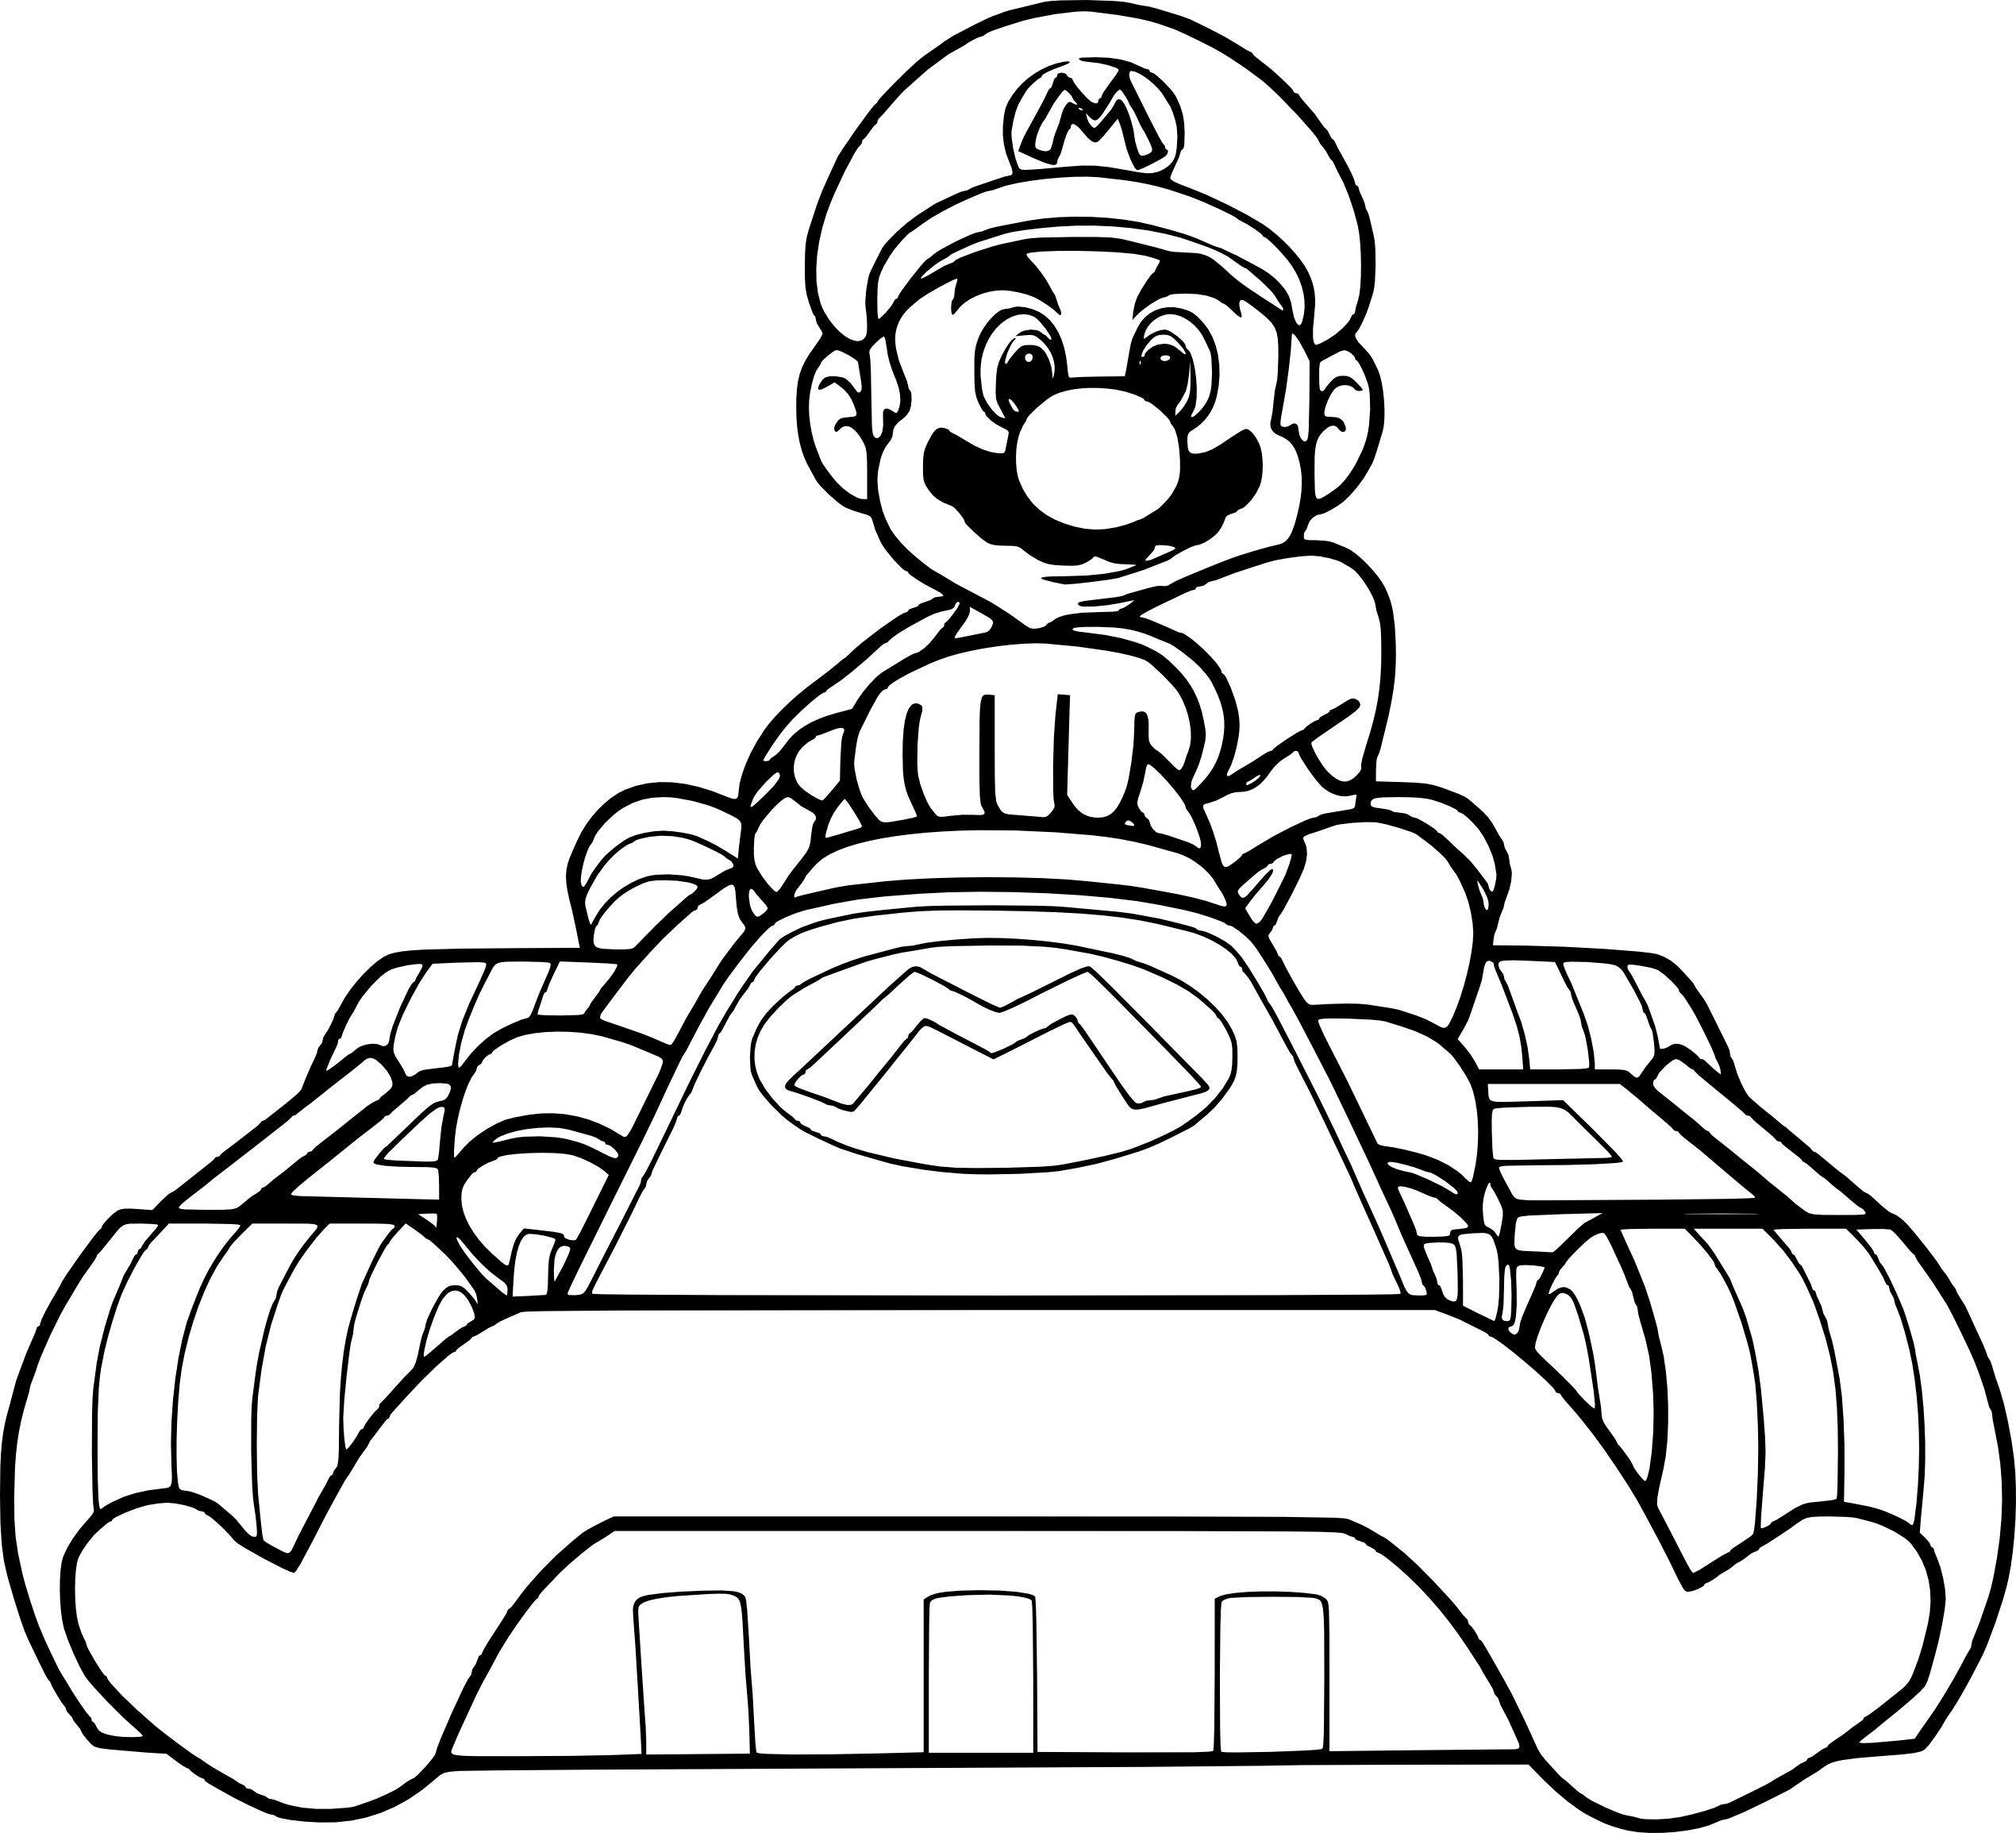 Coloriage Imprimer Nouveau Architecture Coloriage Mario Imprimer